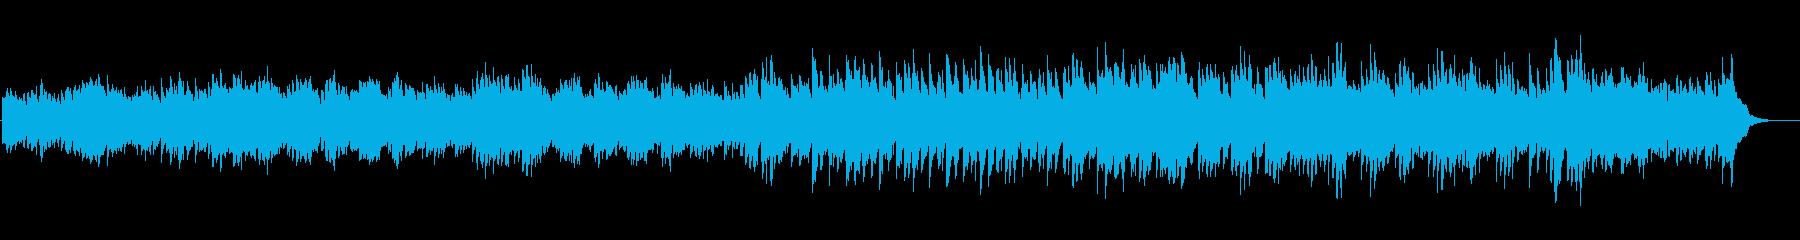 切ない別れの幻想的なピアノオリジナルの再生済みの波形